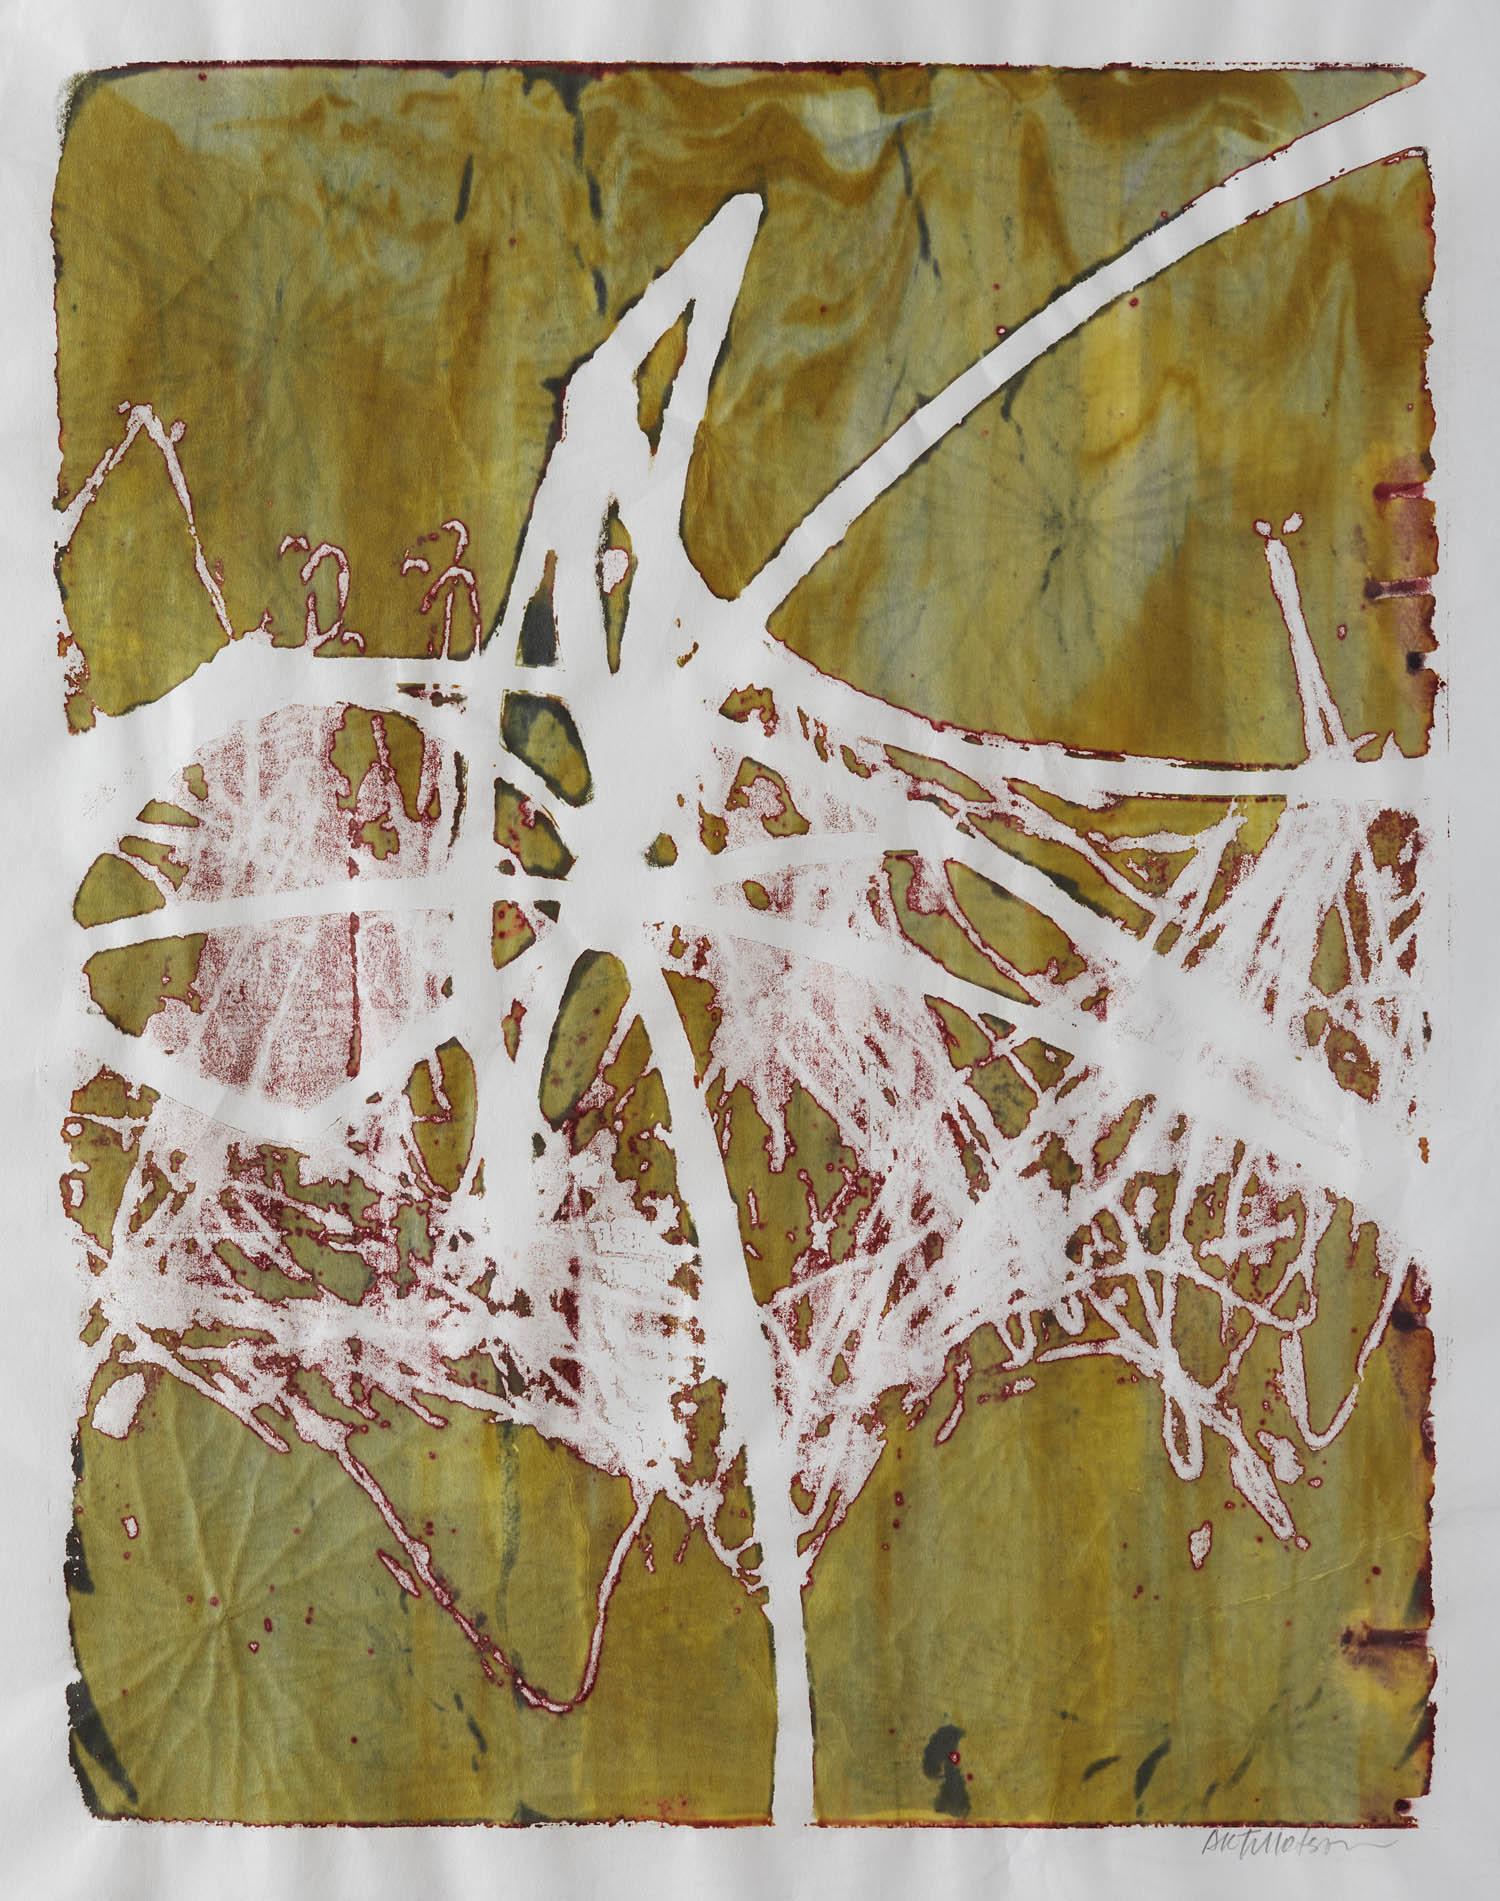 Seeking Clarity by St. Paul, MN multimedia artist, Amy Tillotson